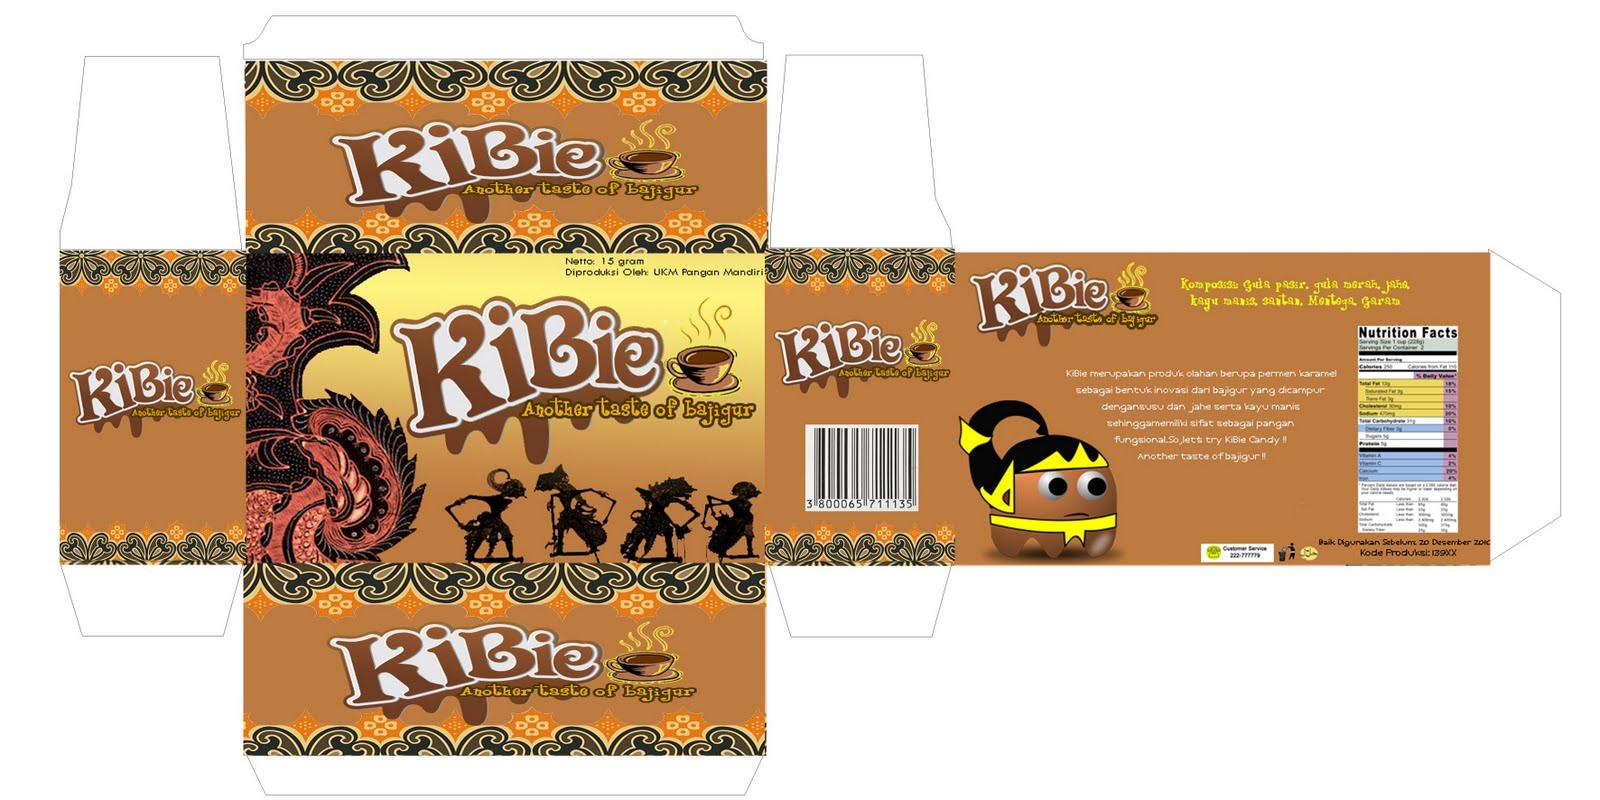 """Permen Karamel Bajigur """"KIBIE"""" kaya antioksidan dan antibakteri"""